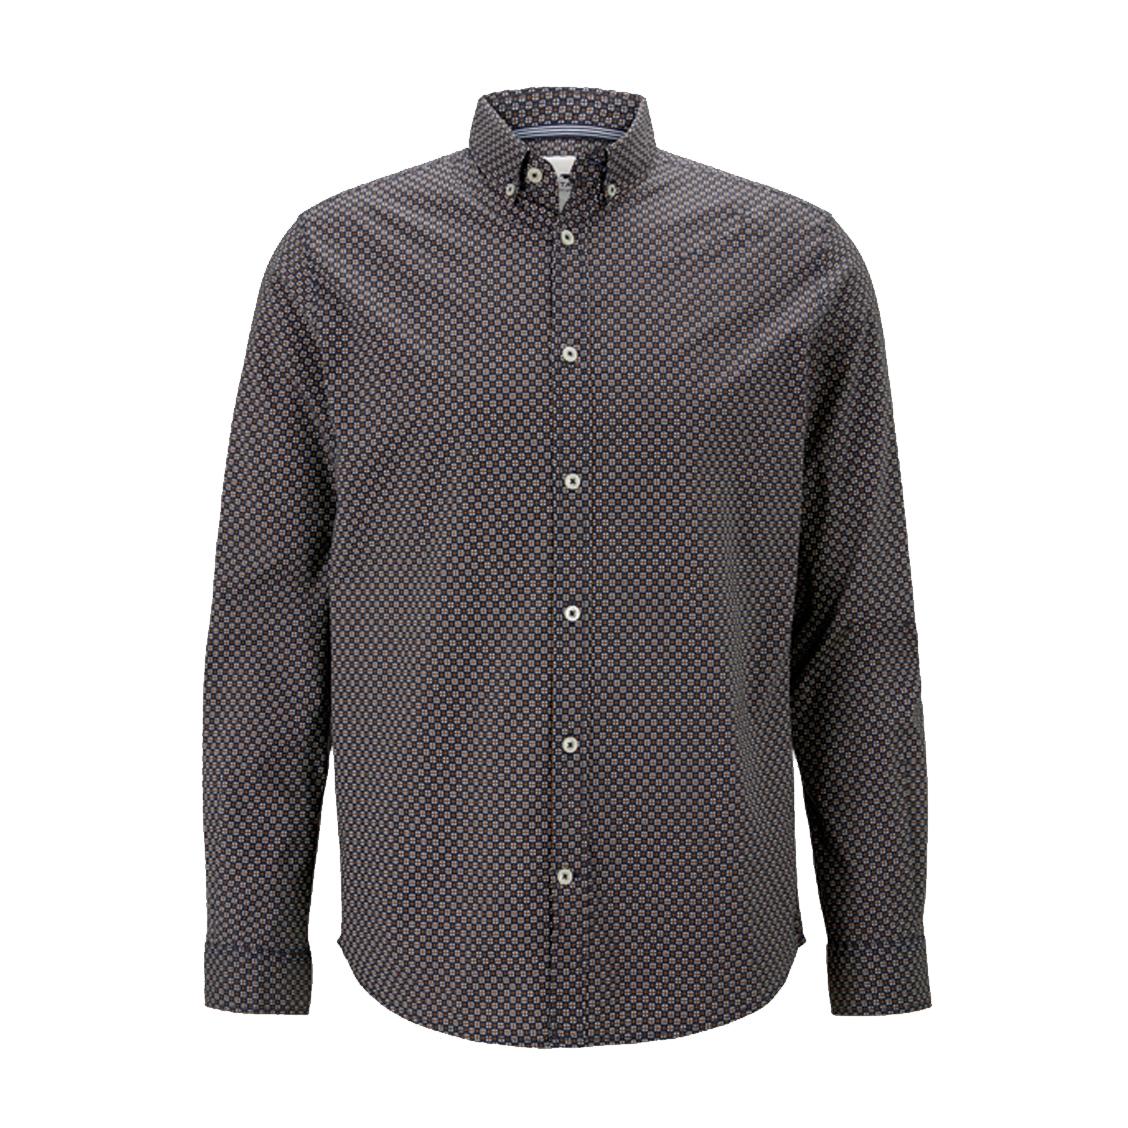 Chemise coupe droite  en coton stretch bleu marine à micro motifs blancs et camel